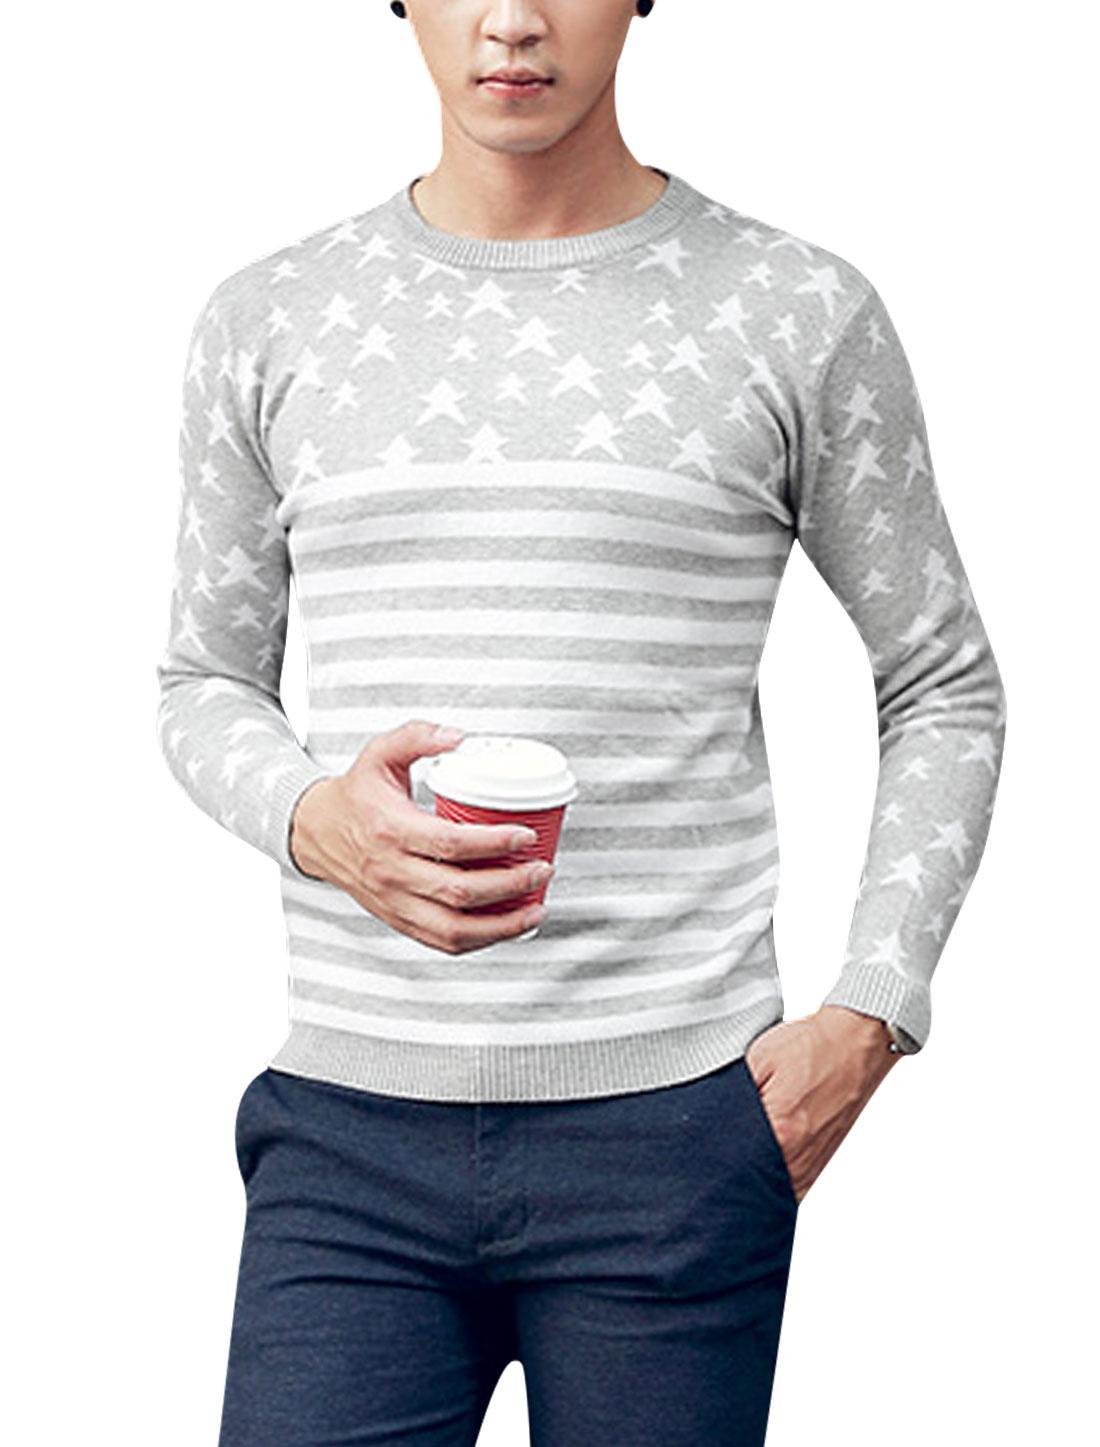 Men Stars Stripes Pattern Crew Neck Long Sleeve Knit Shirt Light Gray White S